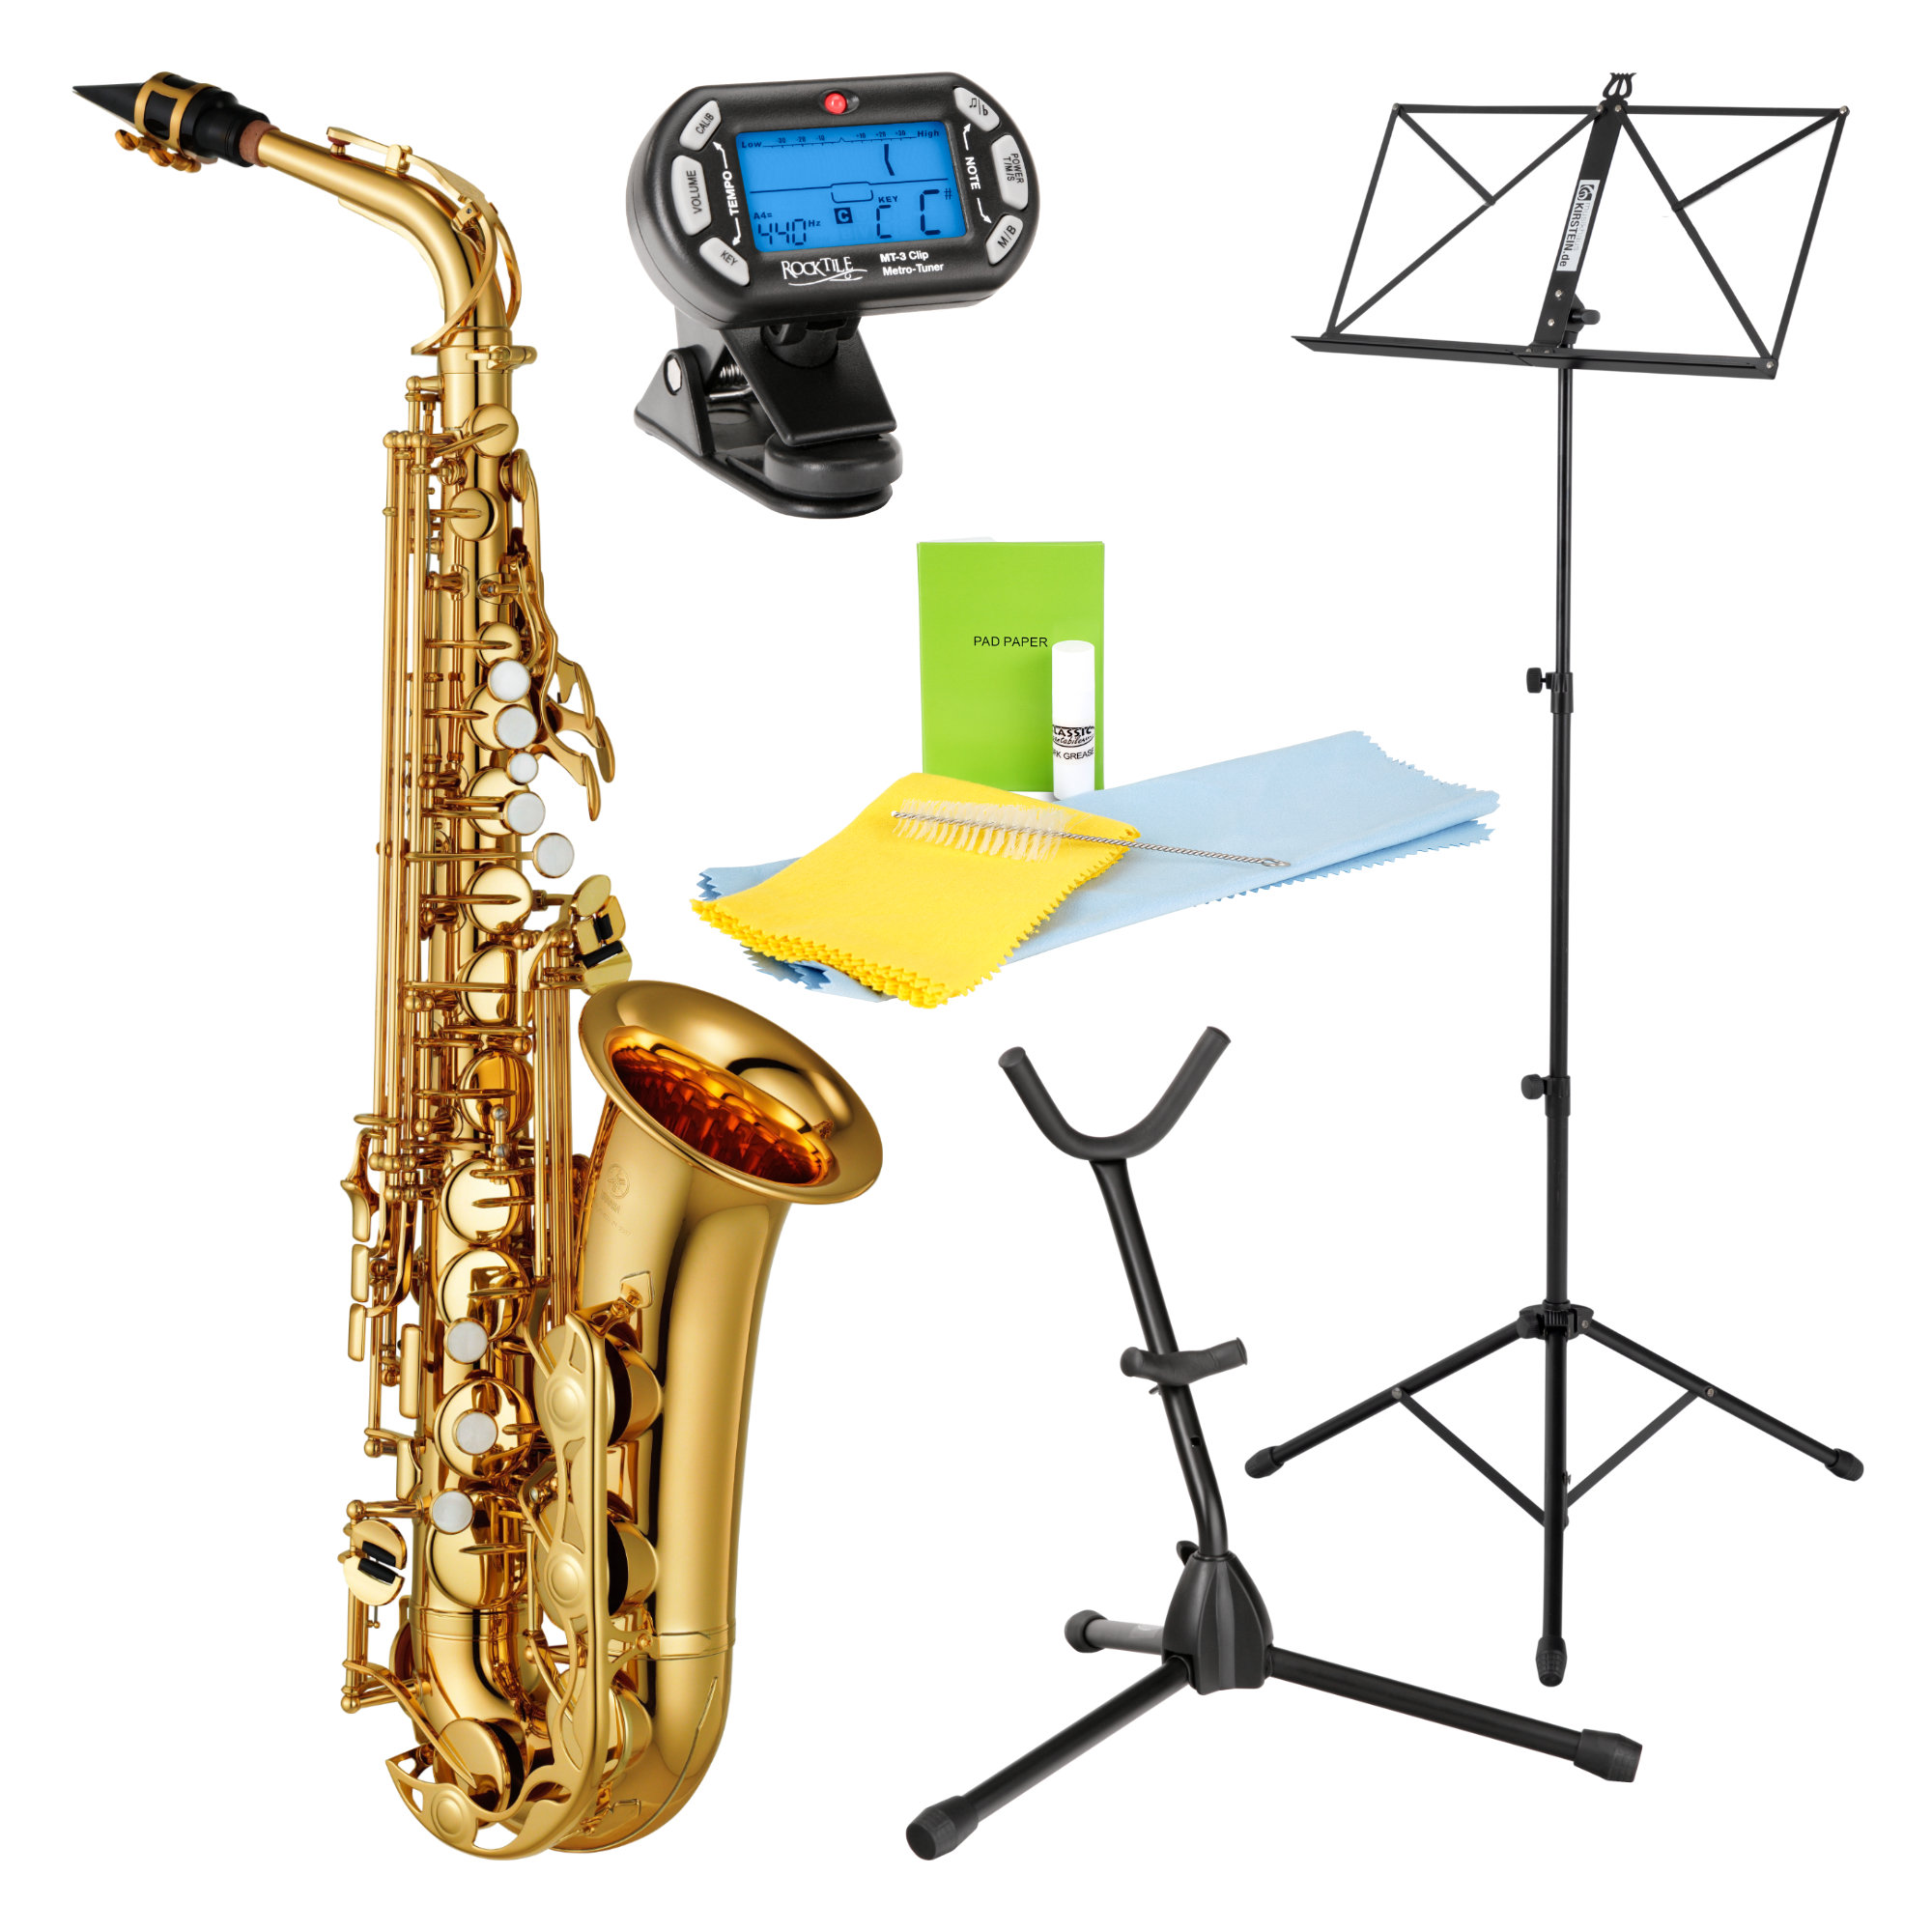 Yamaha YAS 280 Altsaxophon Set inkl. Metronom, Saxständer, Notenständer und Reinigungsset